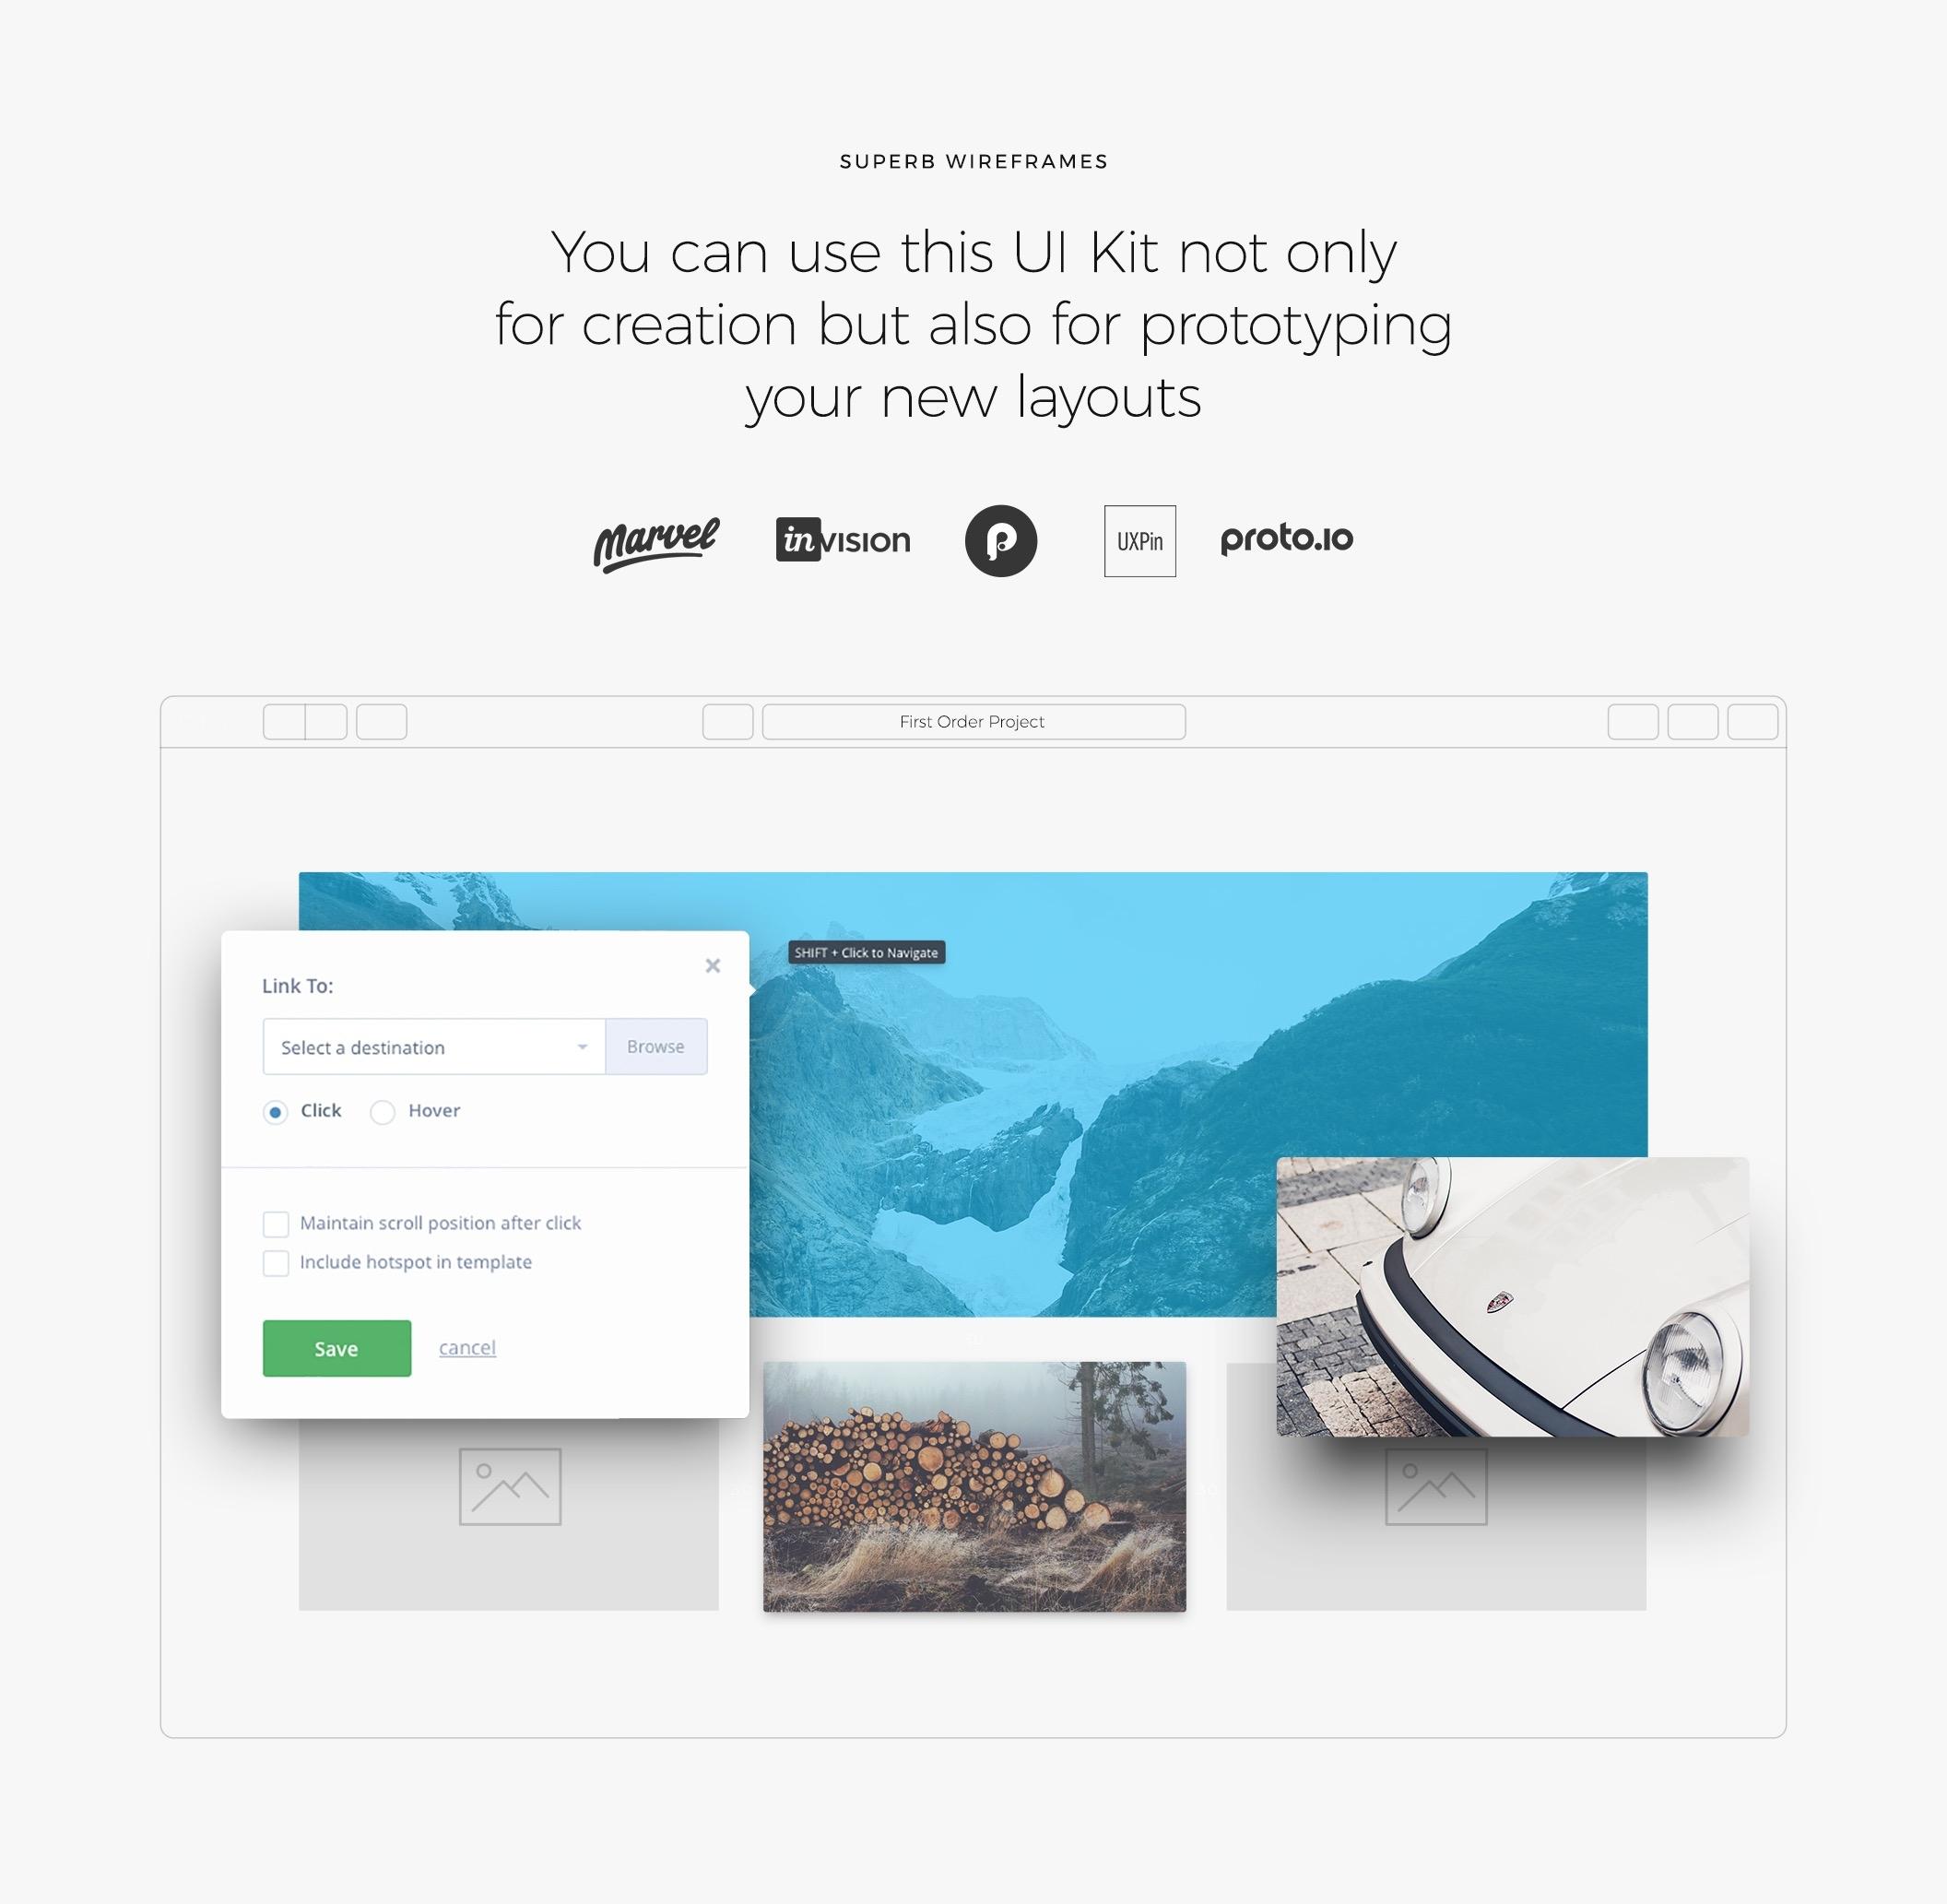 简约优雅的一套网页UI主题包.sketch、psd素材下载 网页模板-第2张